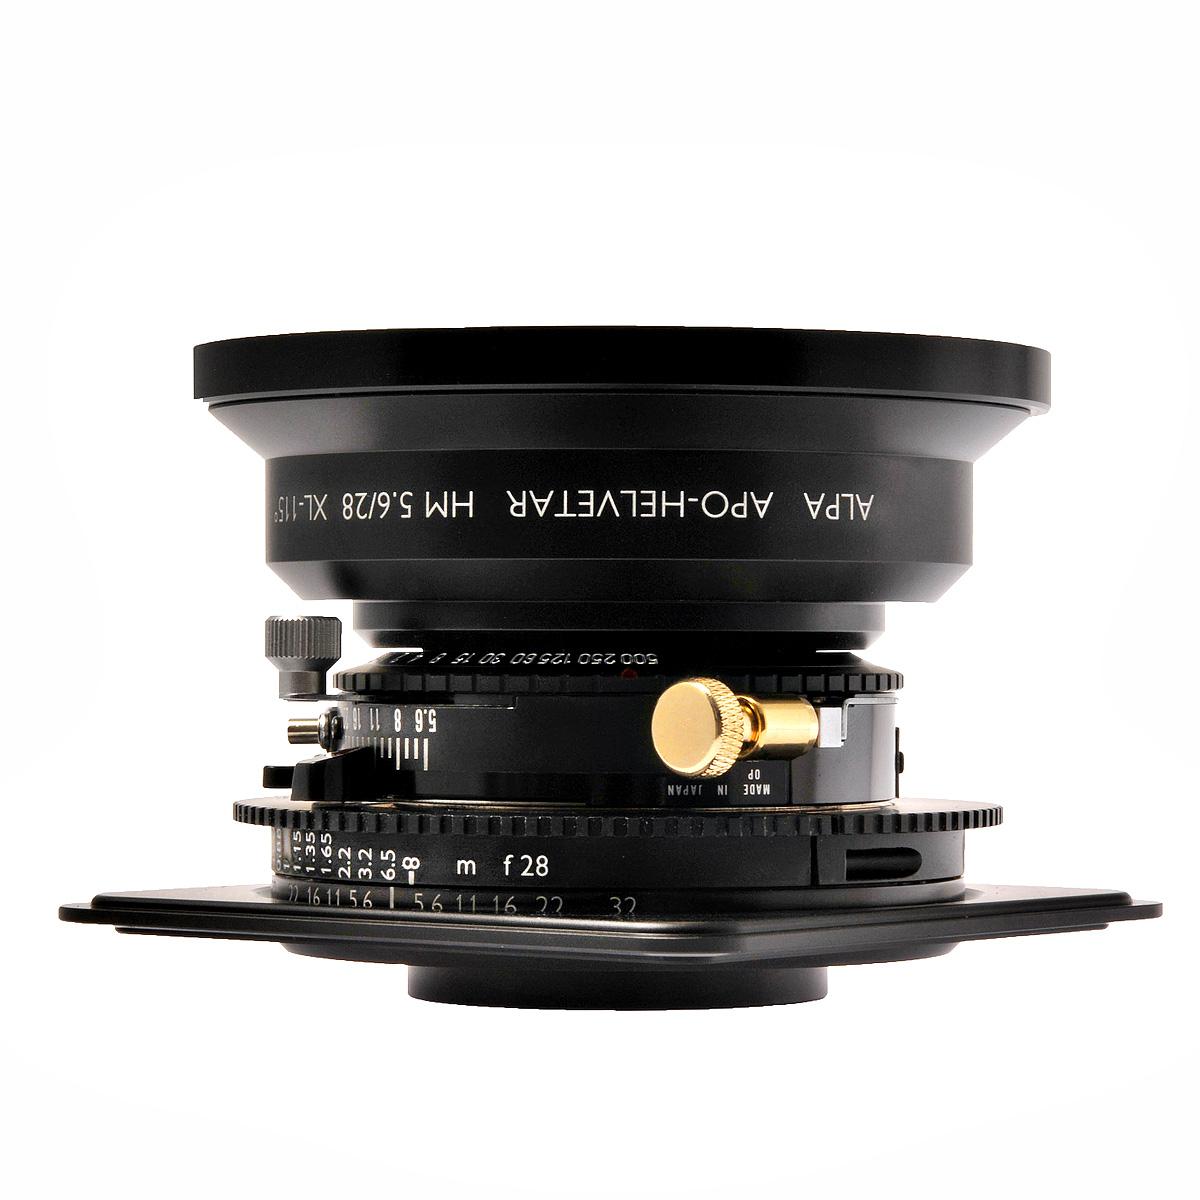 ALPA Apo Helvetar 5.6/28 mm